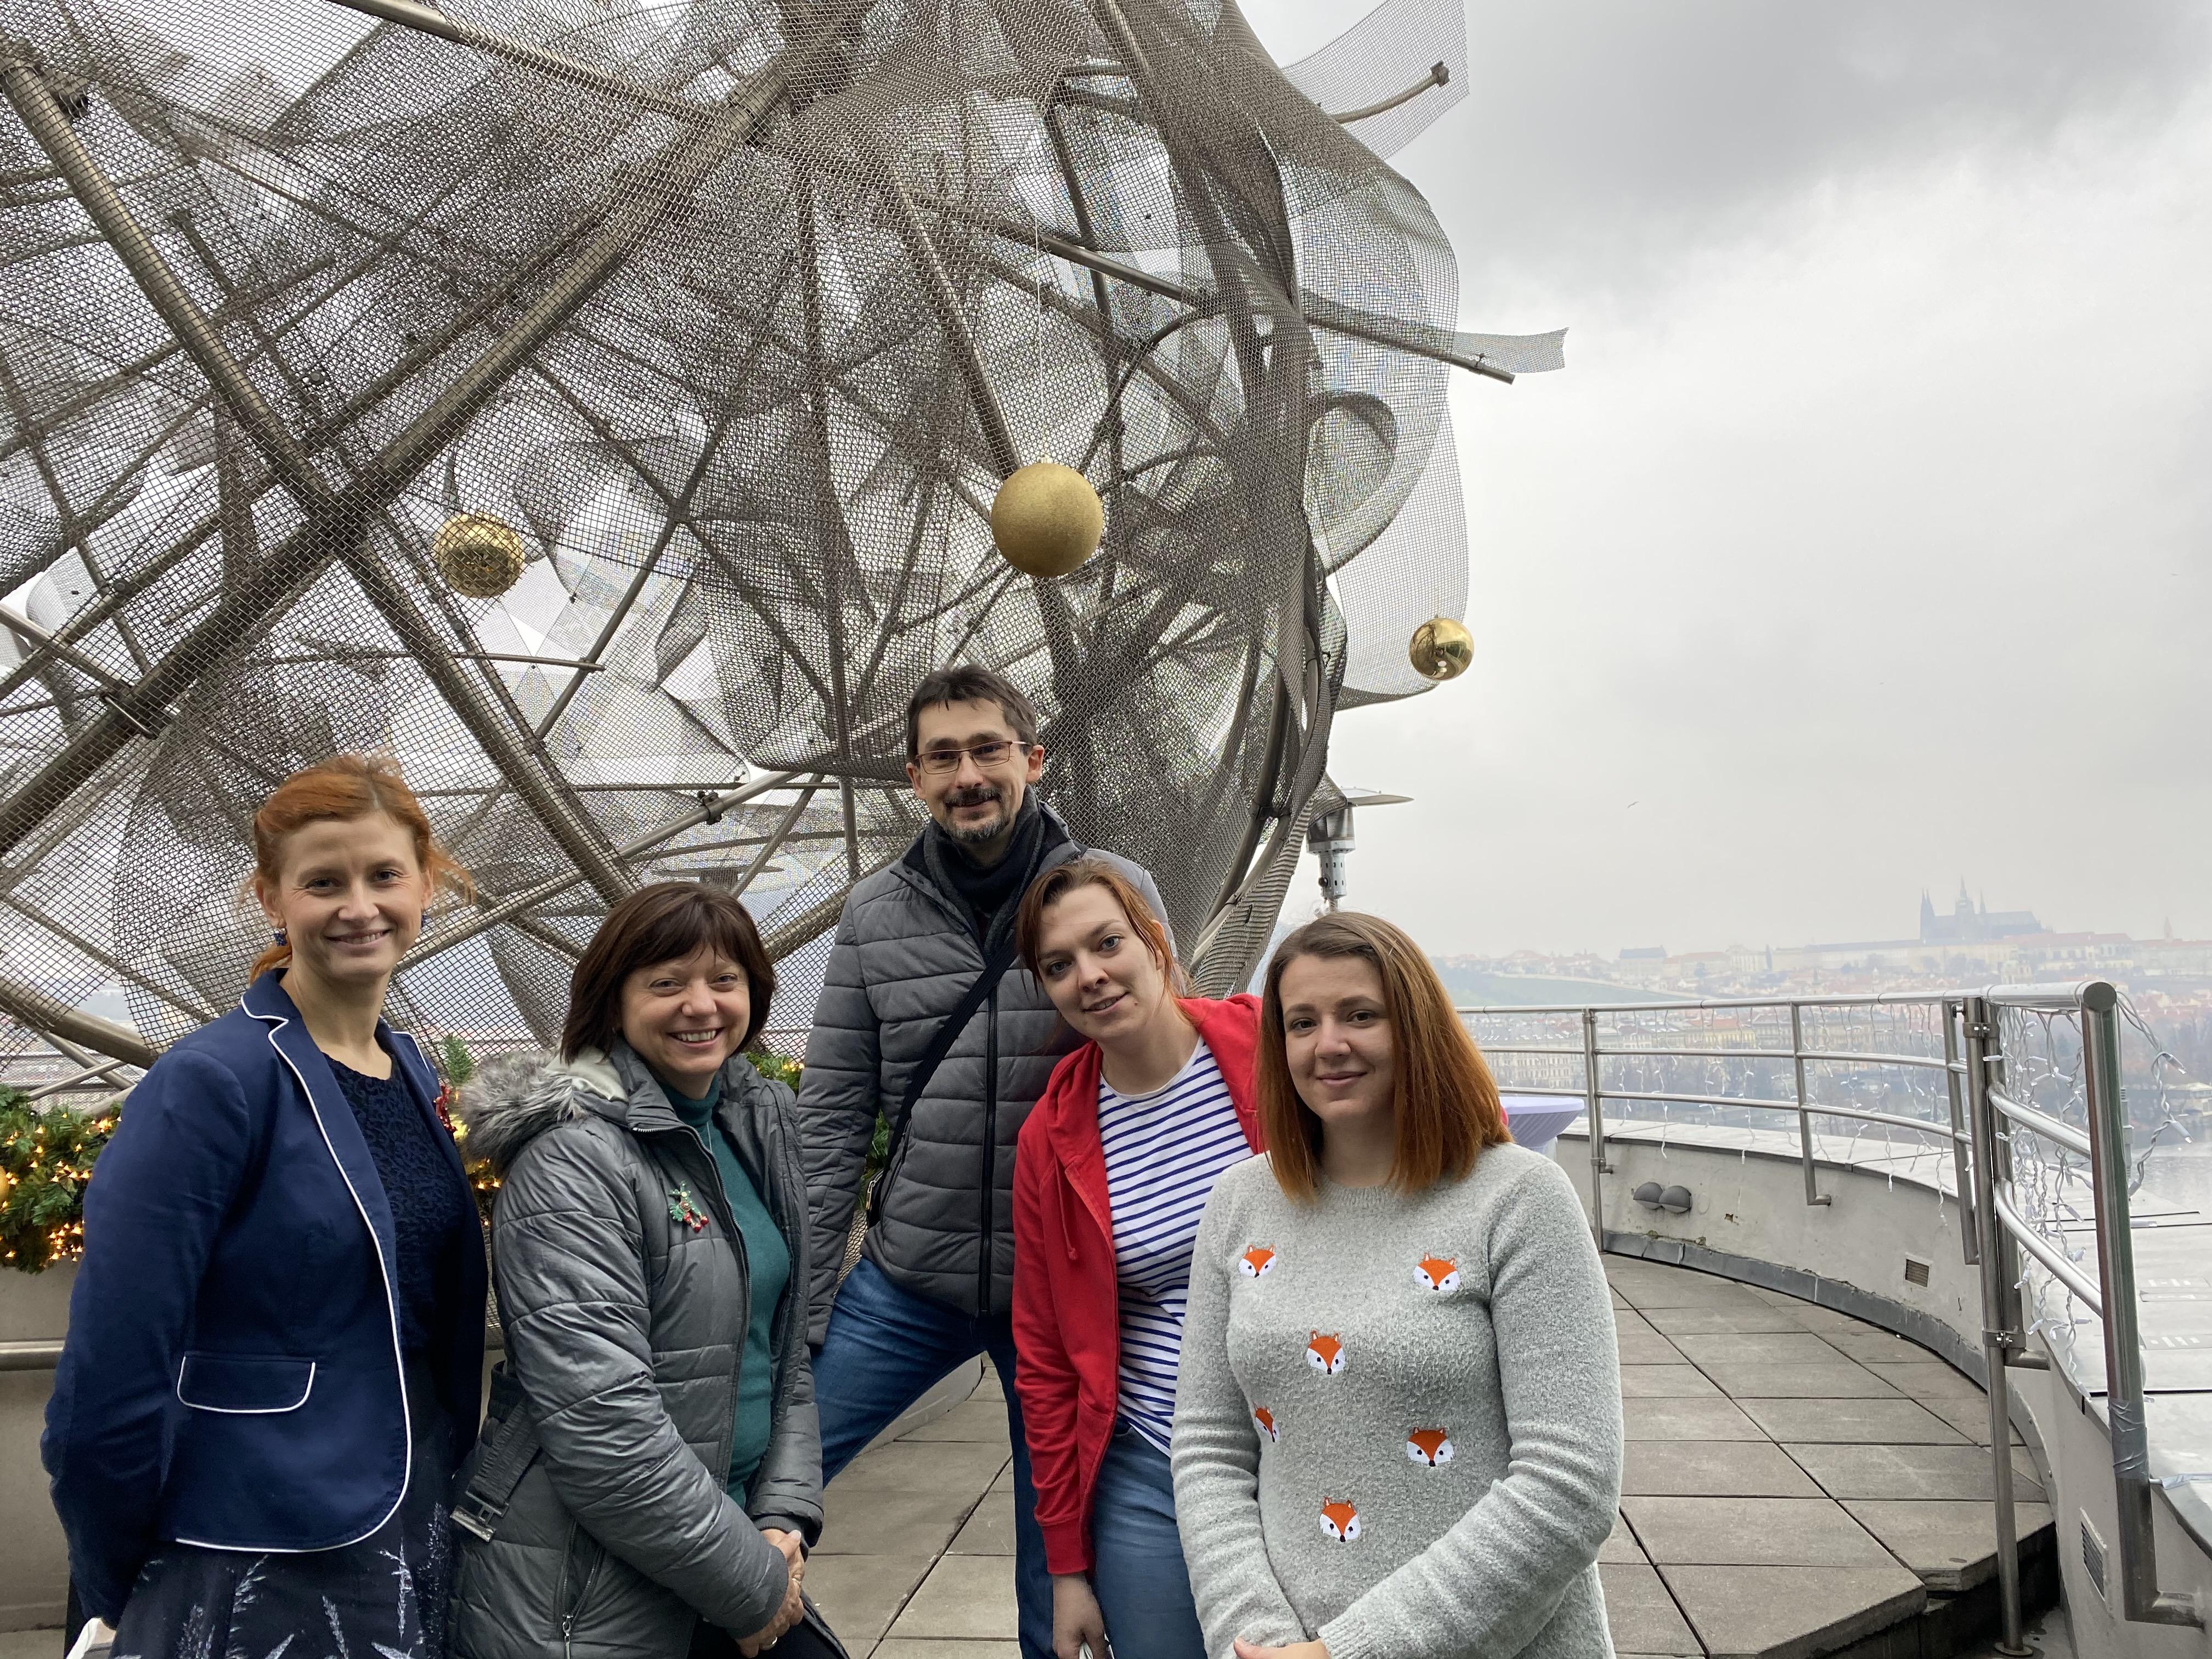 S novináři, před Vánoci – netradičně nad Prahou!